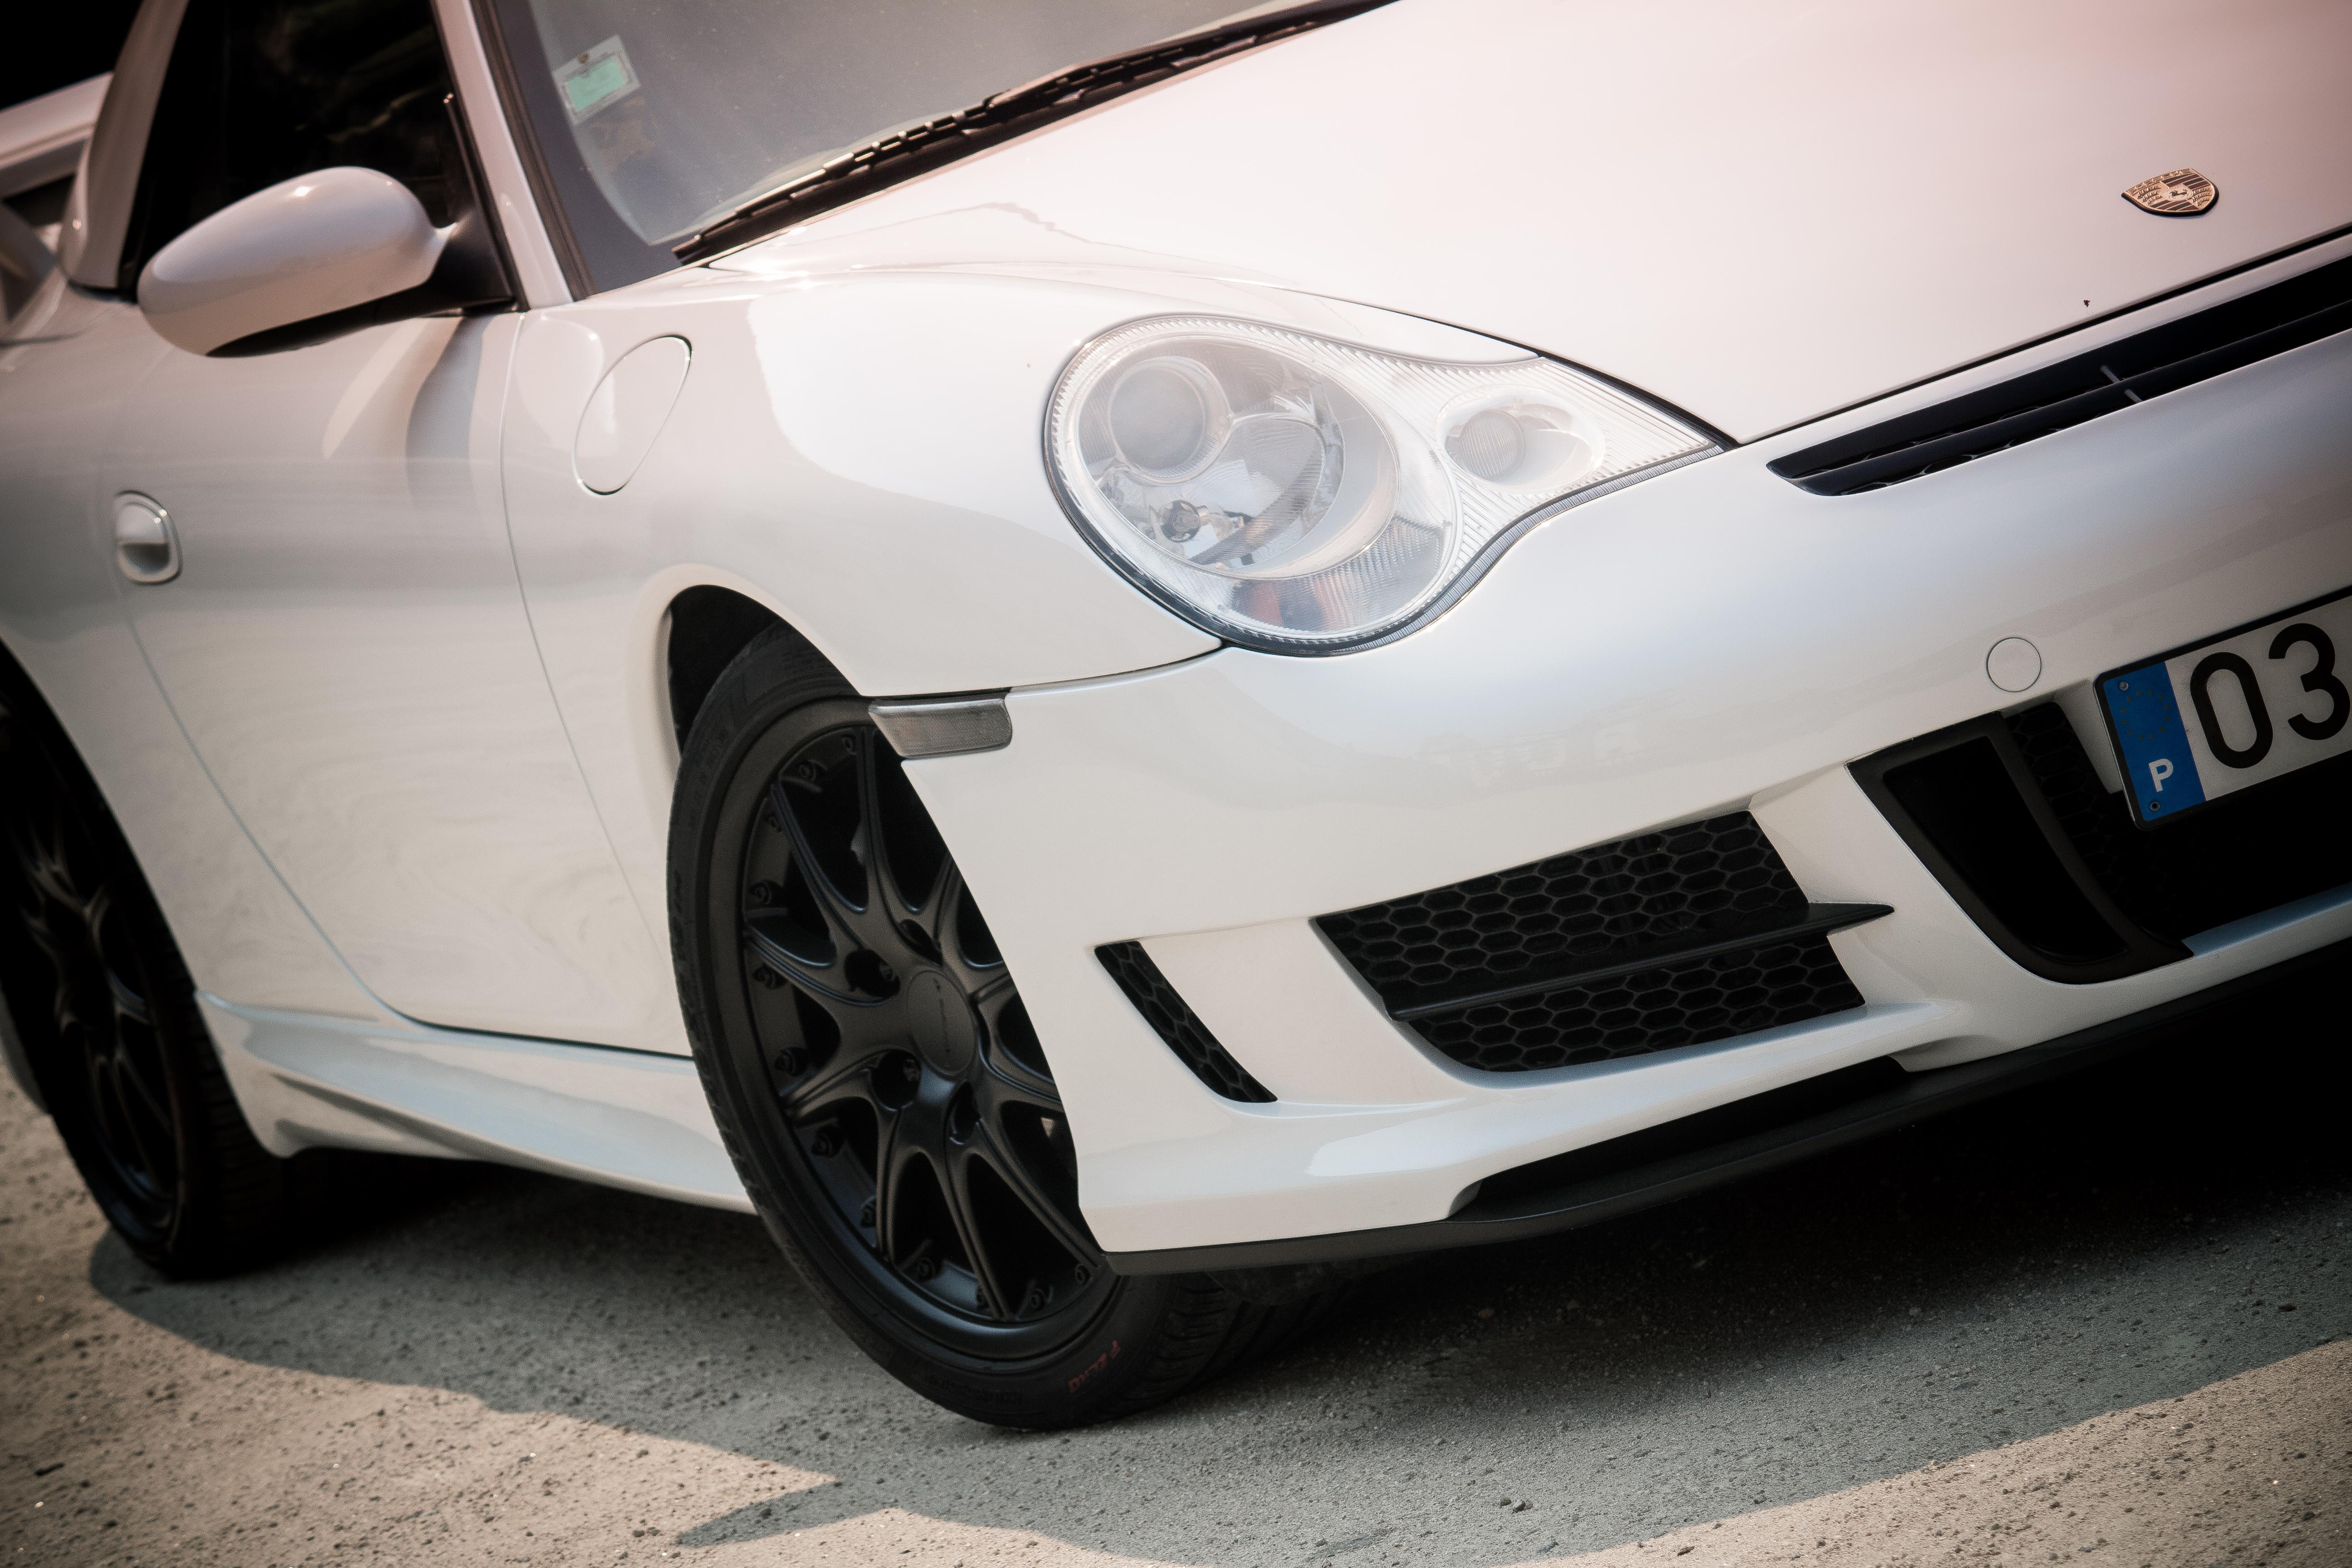 2003 Porsche Carrera 4 by Modderna